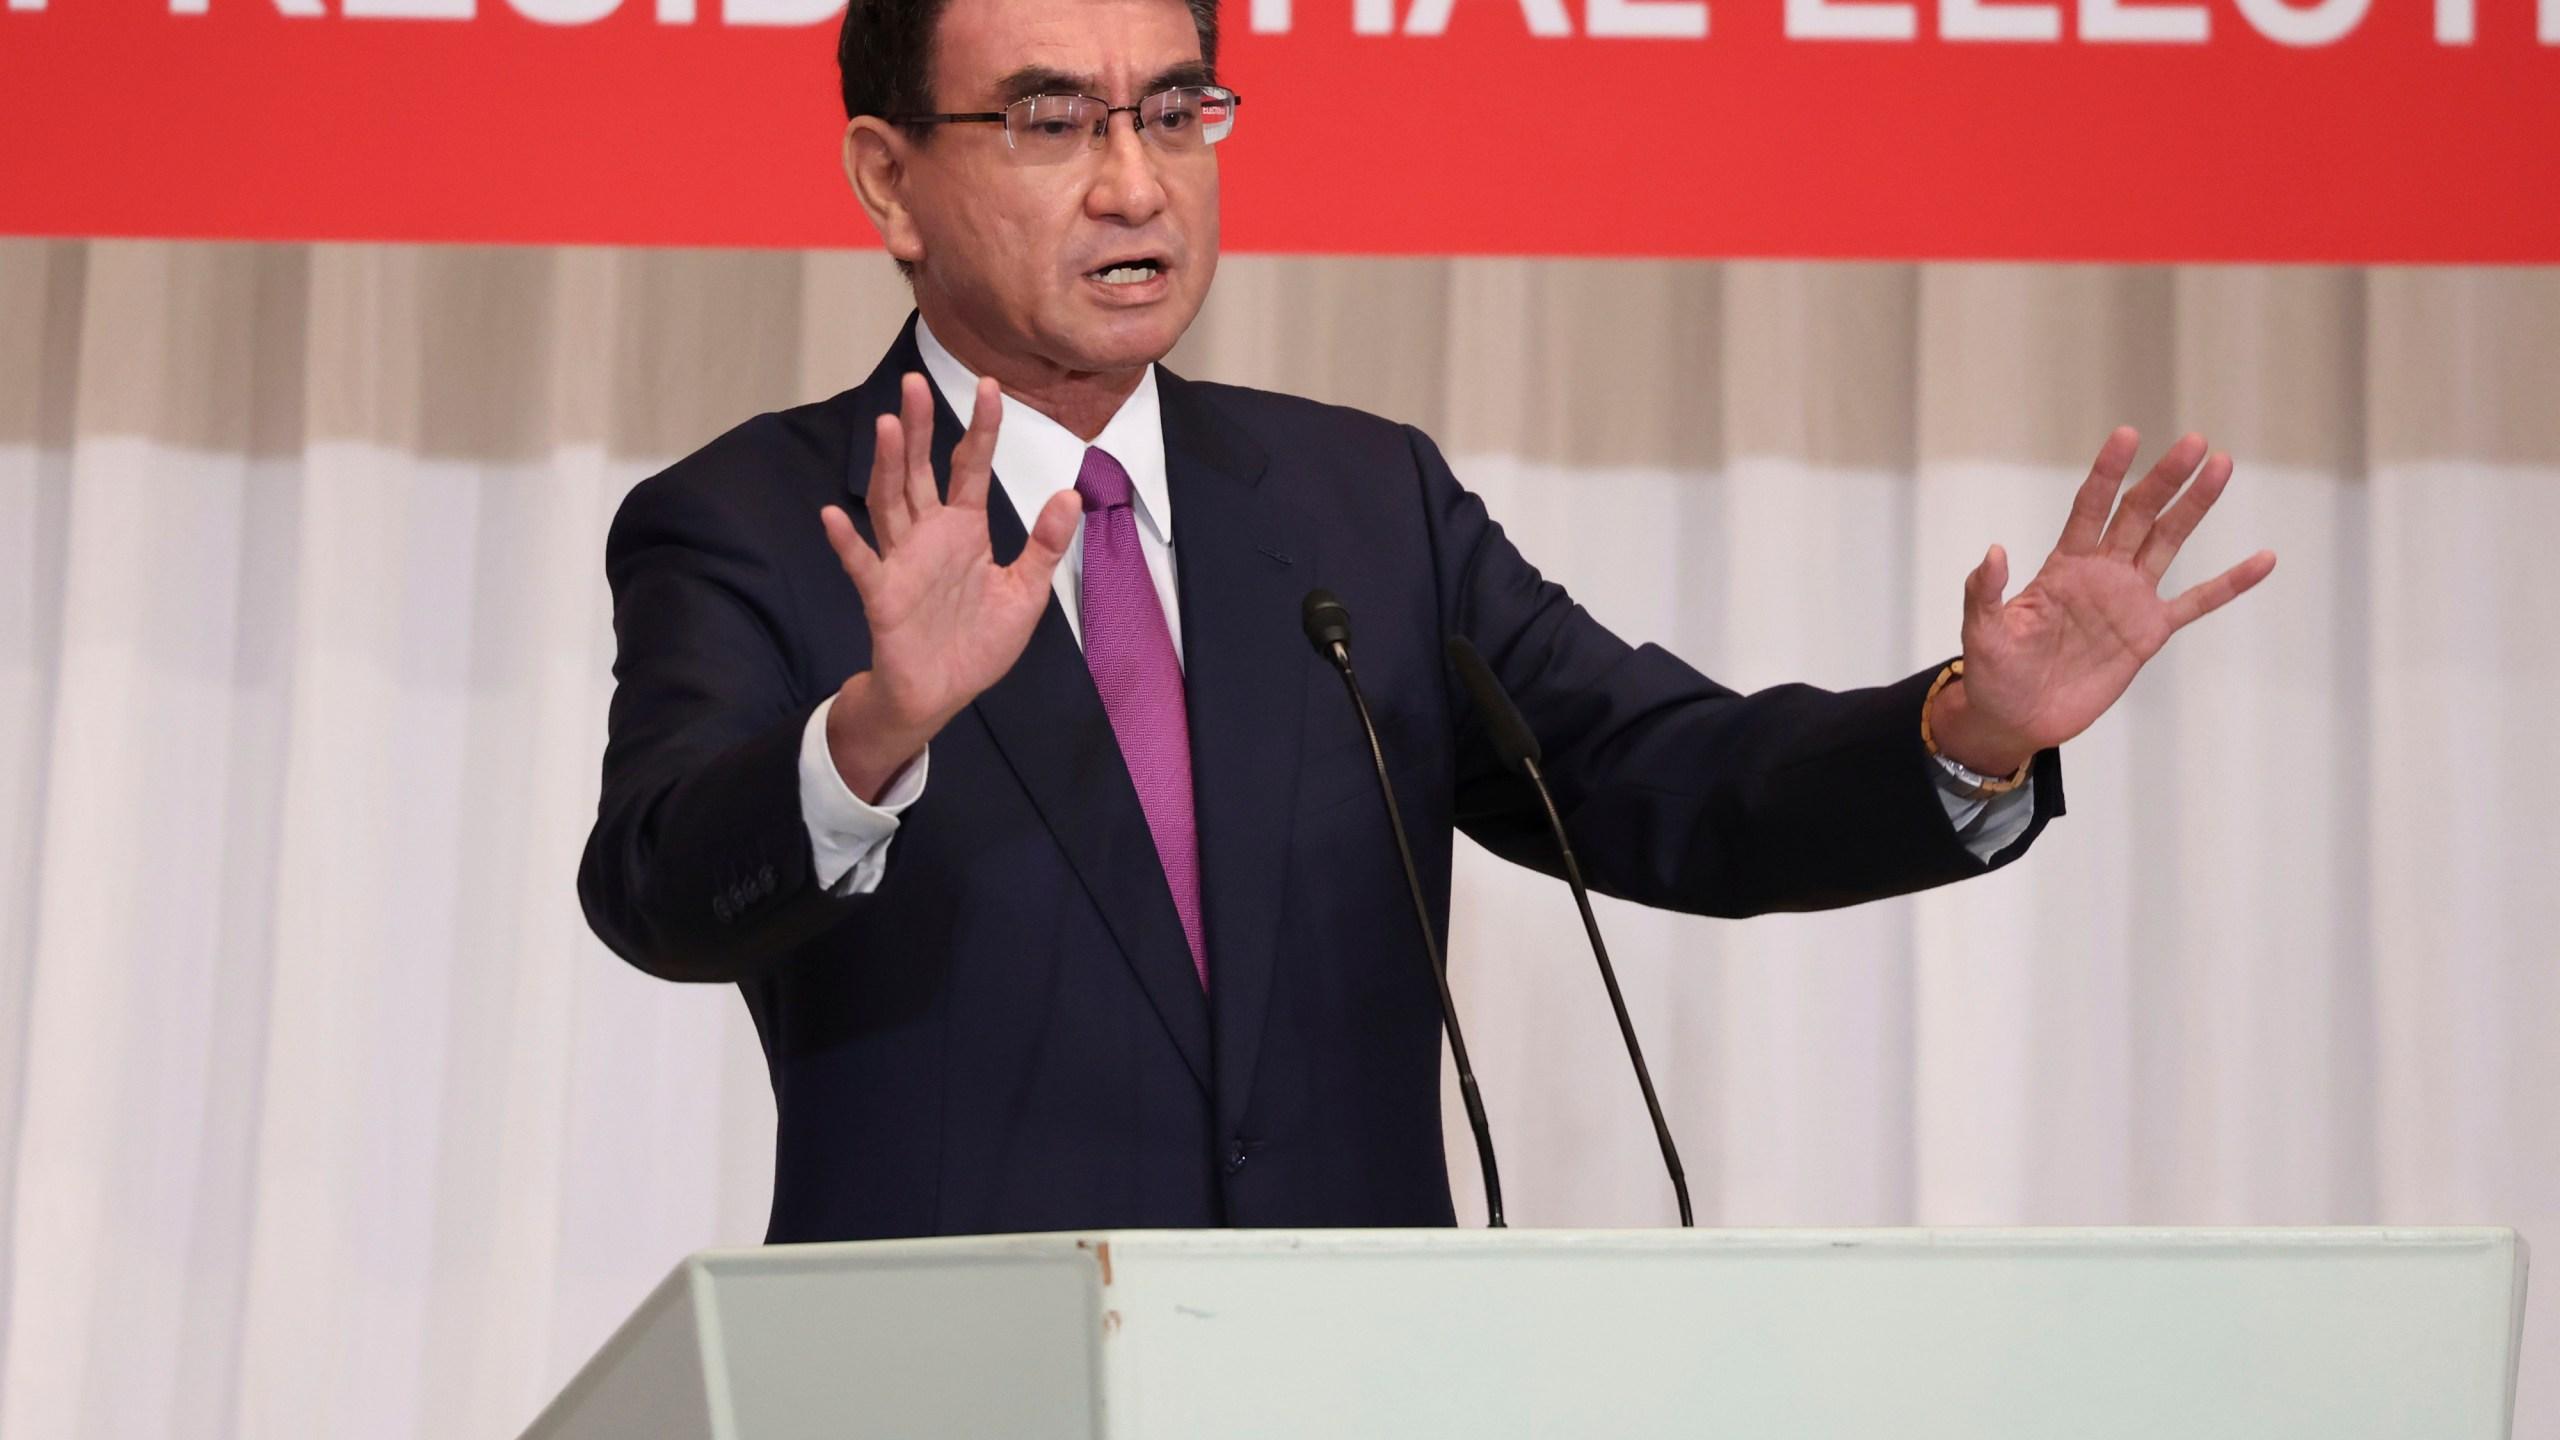 Taro Kono